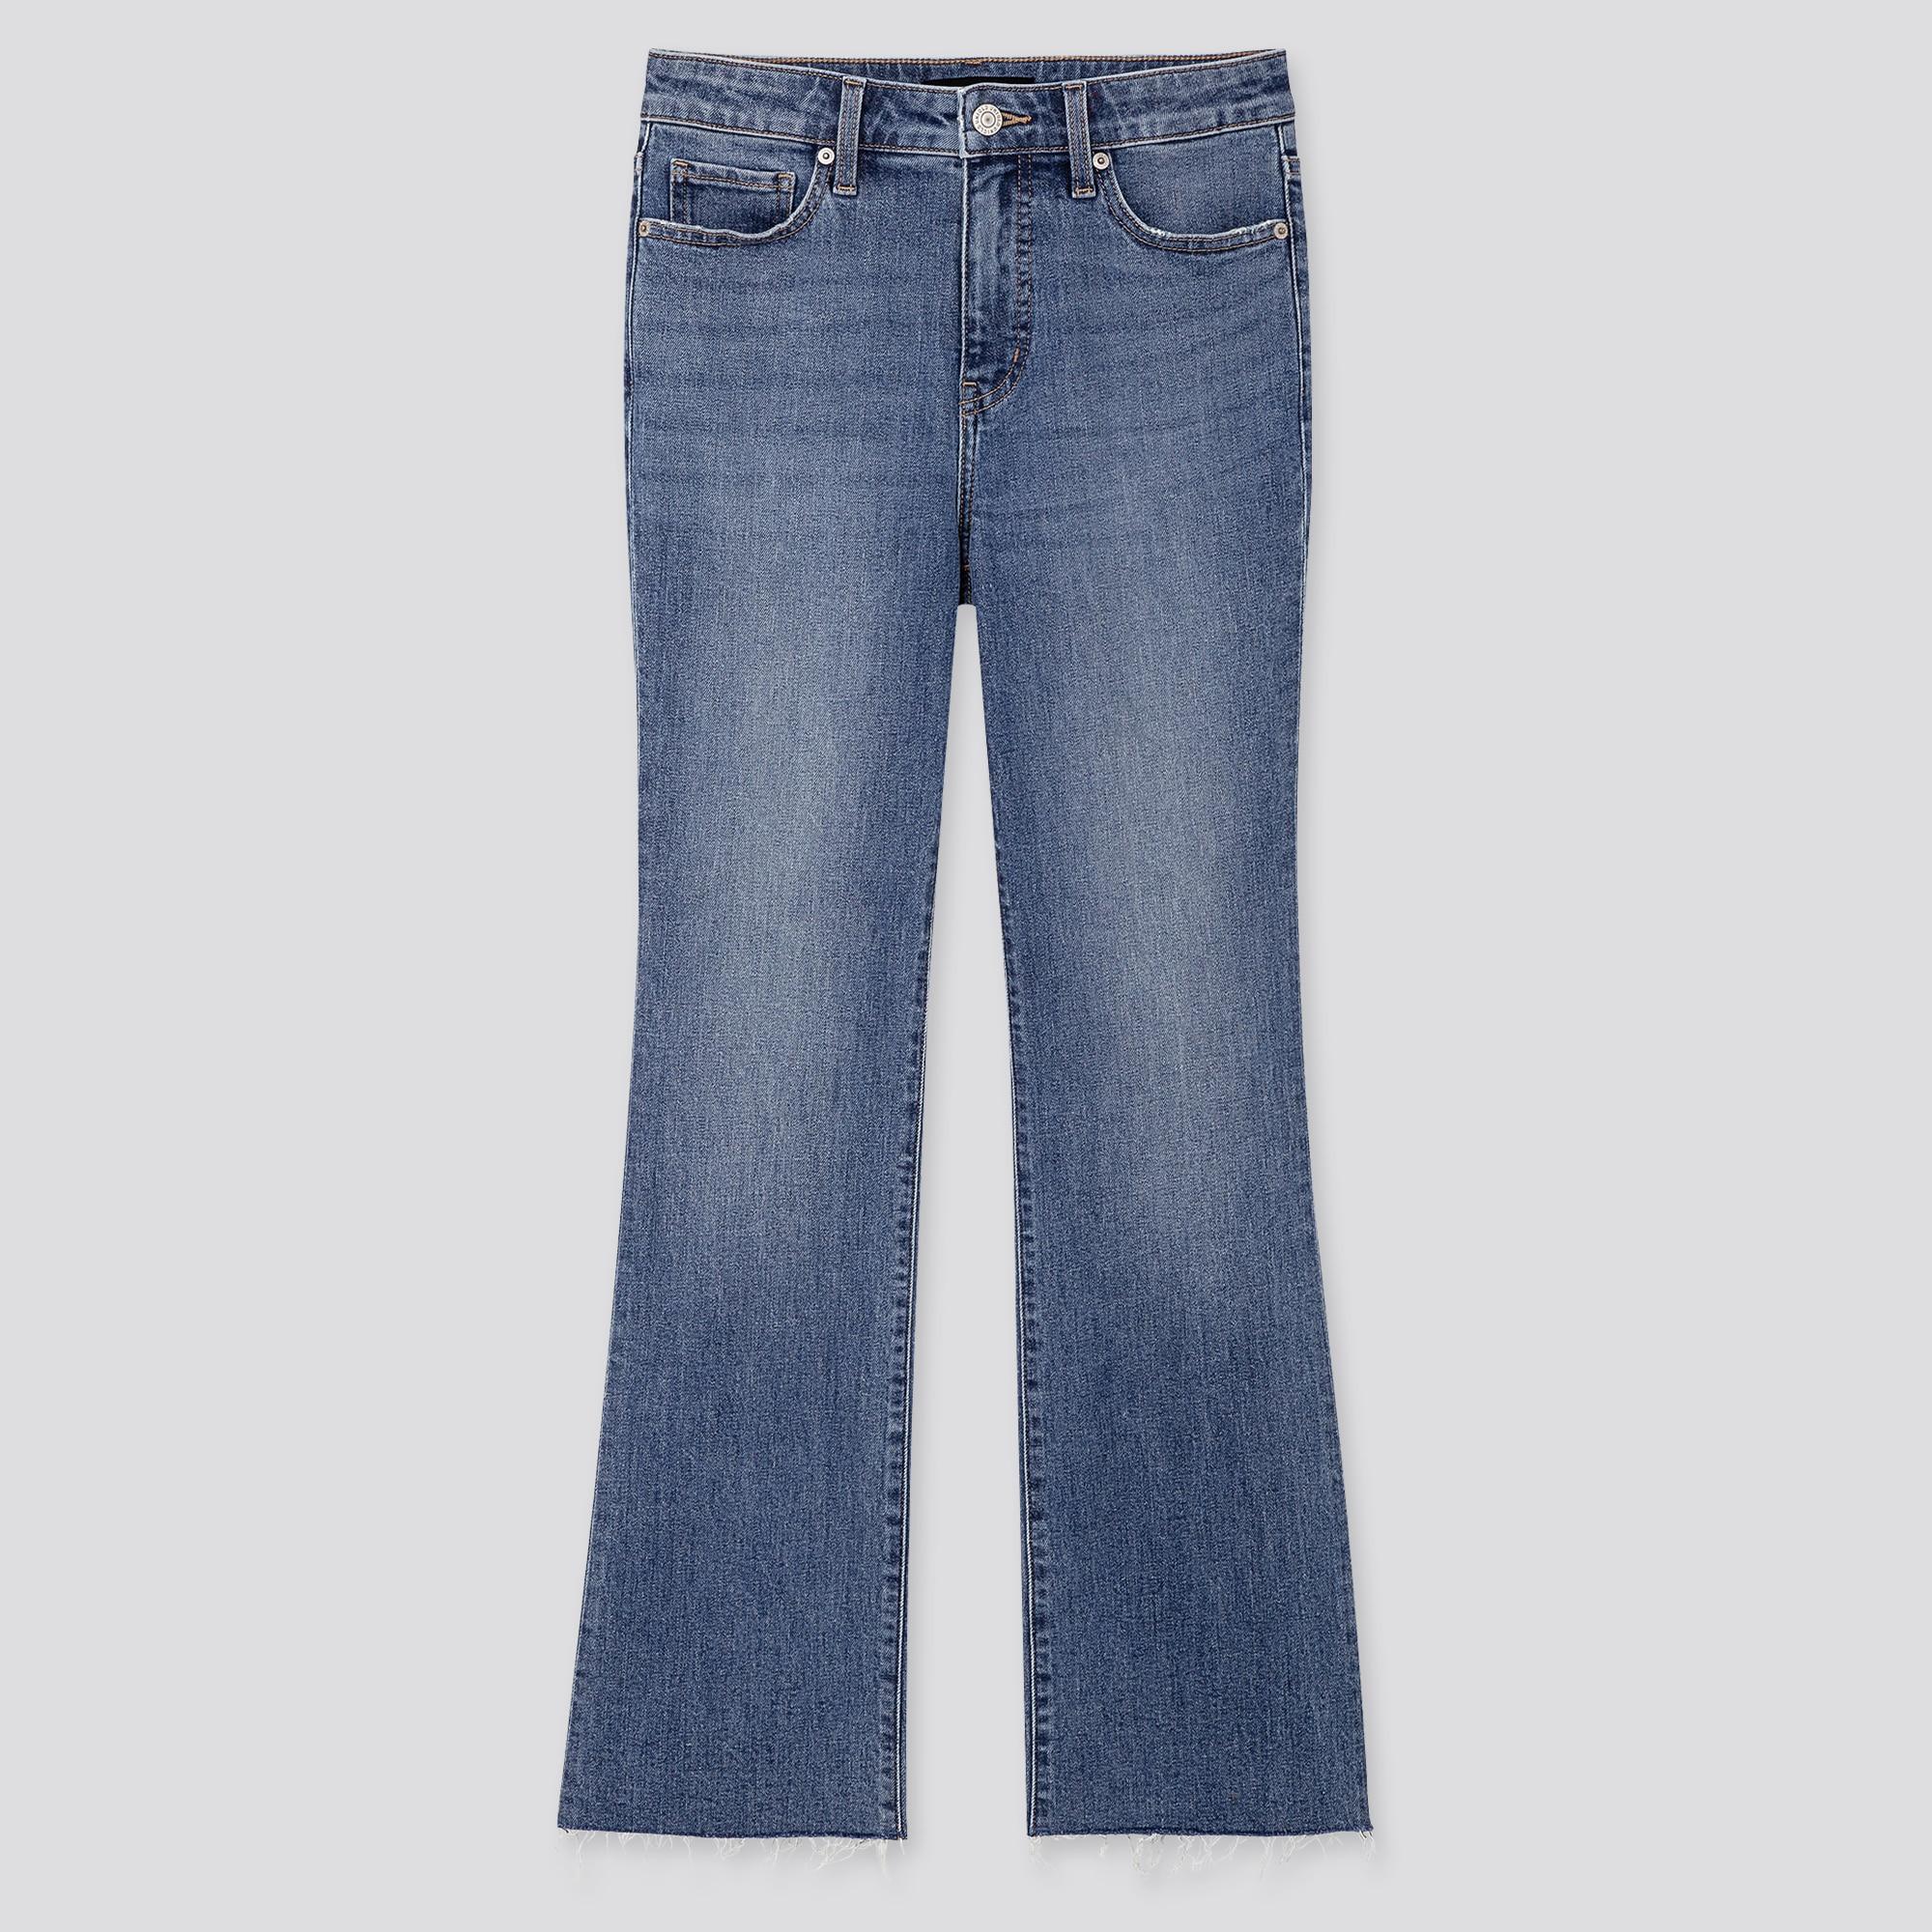 scegli il meglio prezzo ridotto aspetto dettagliato WOMEN HIGH-RISE SKINNY FLARE ANKLE JEANS